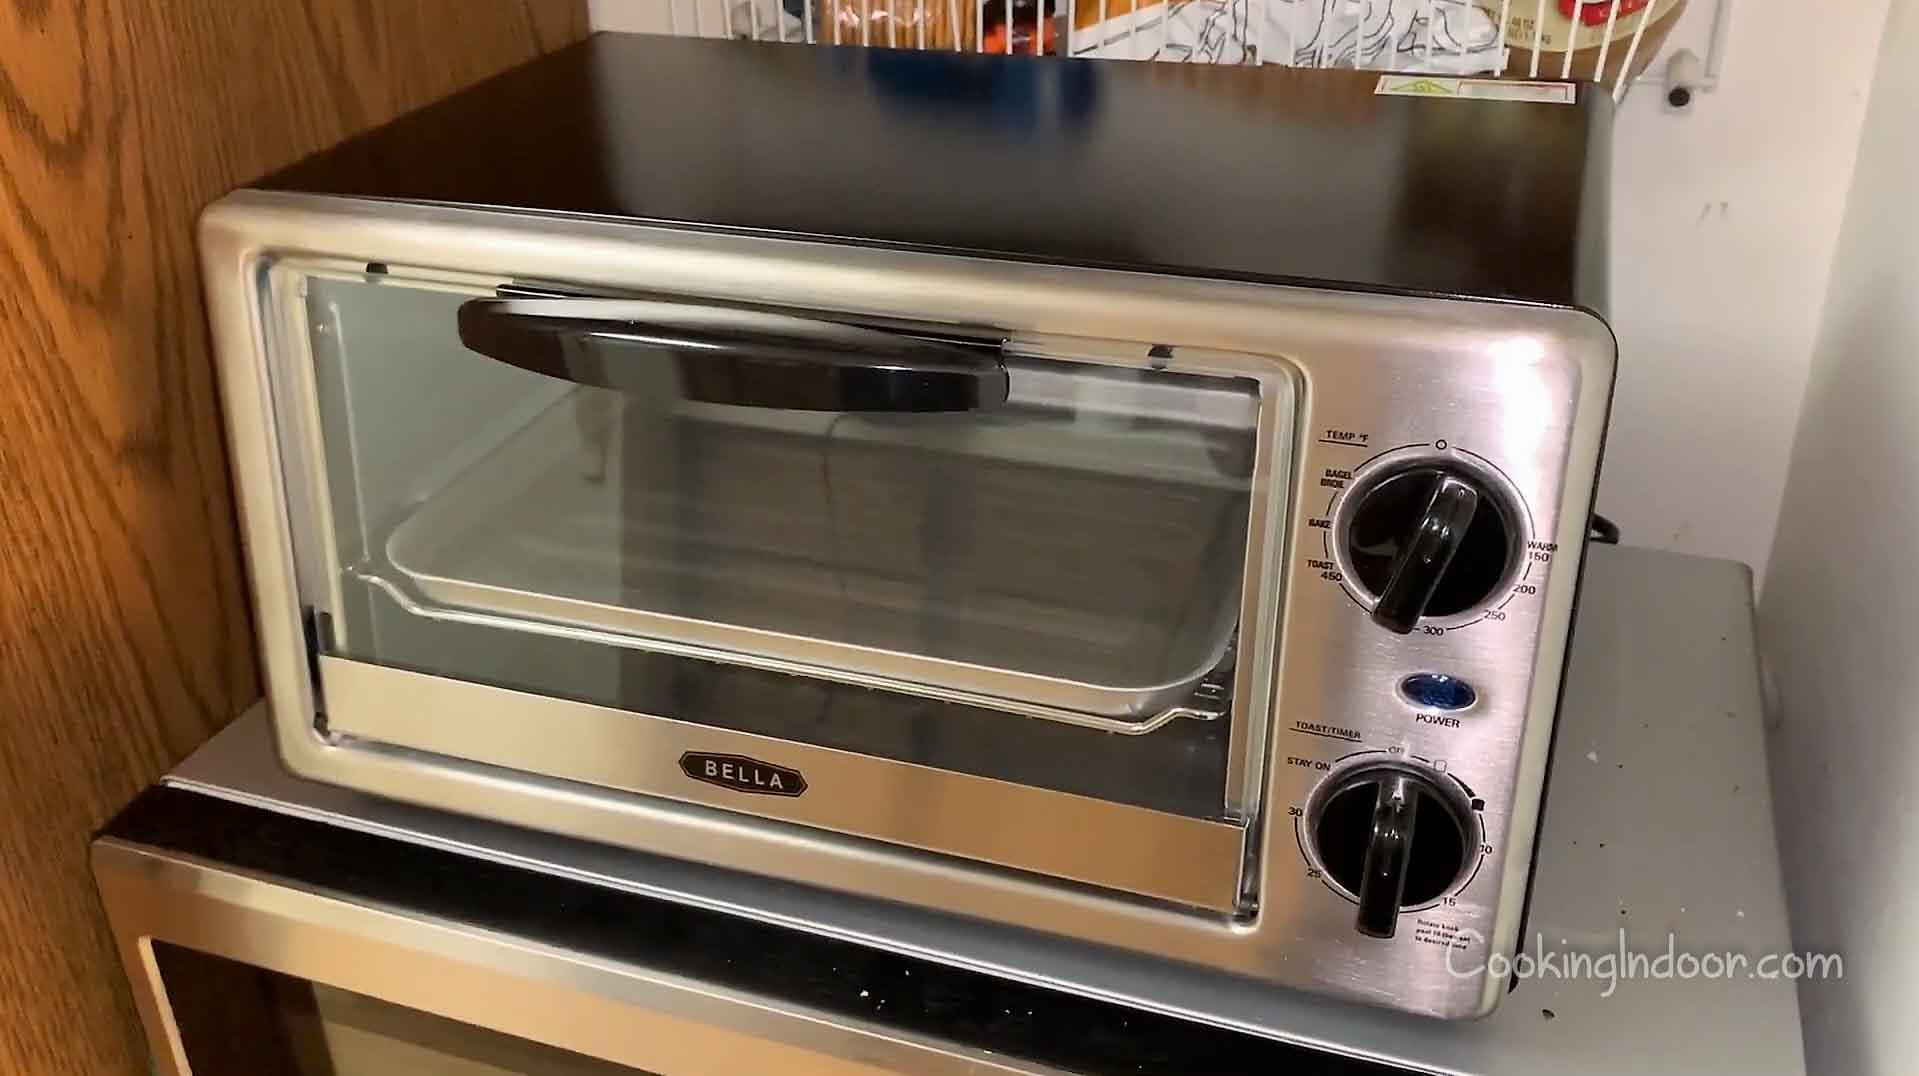 Best Bella toaster oven